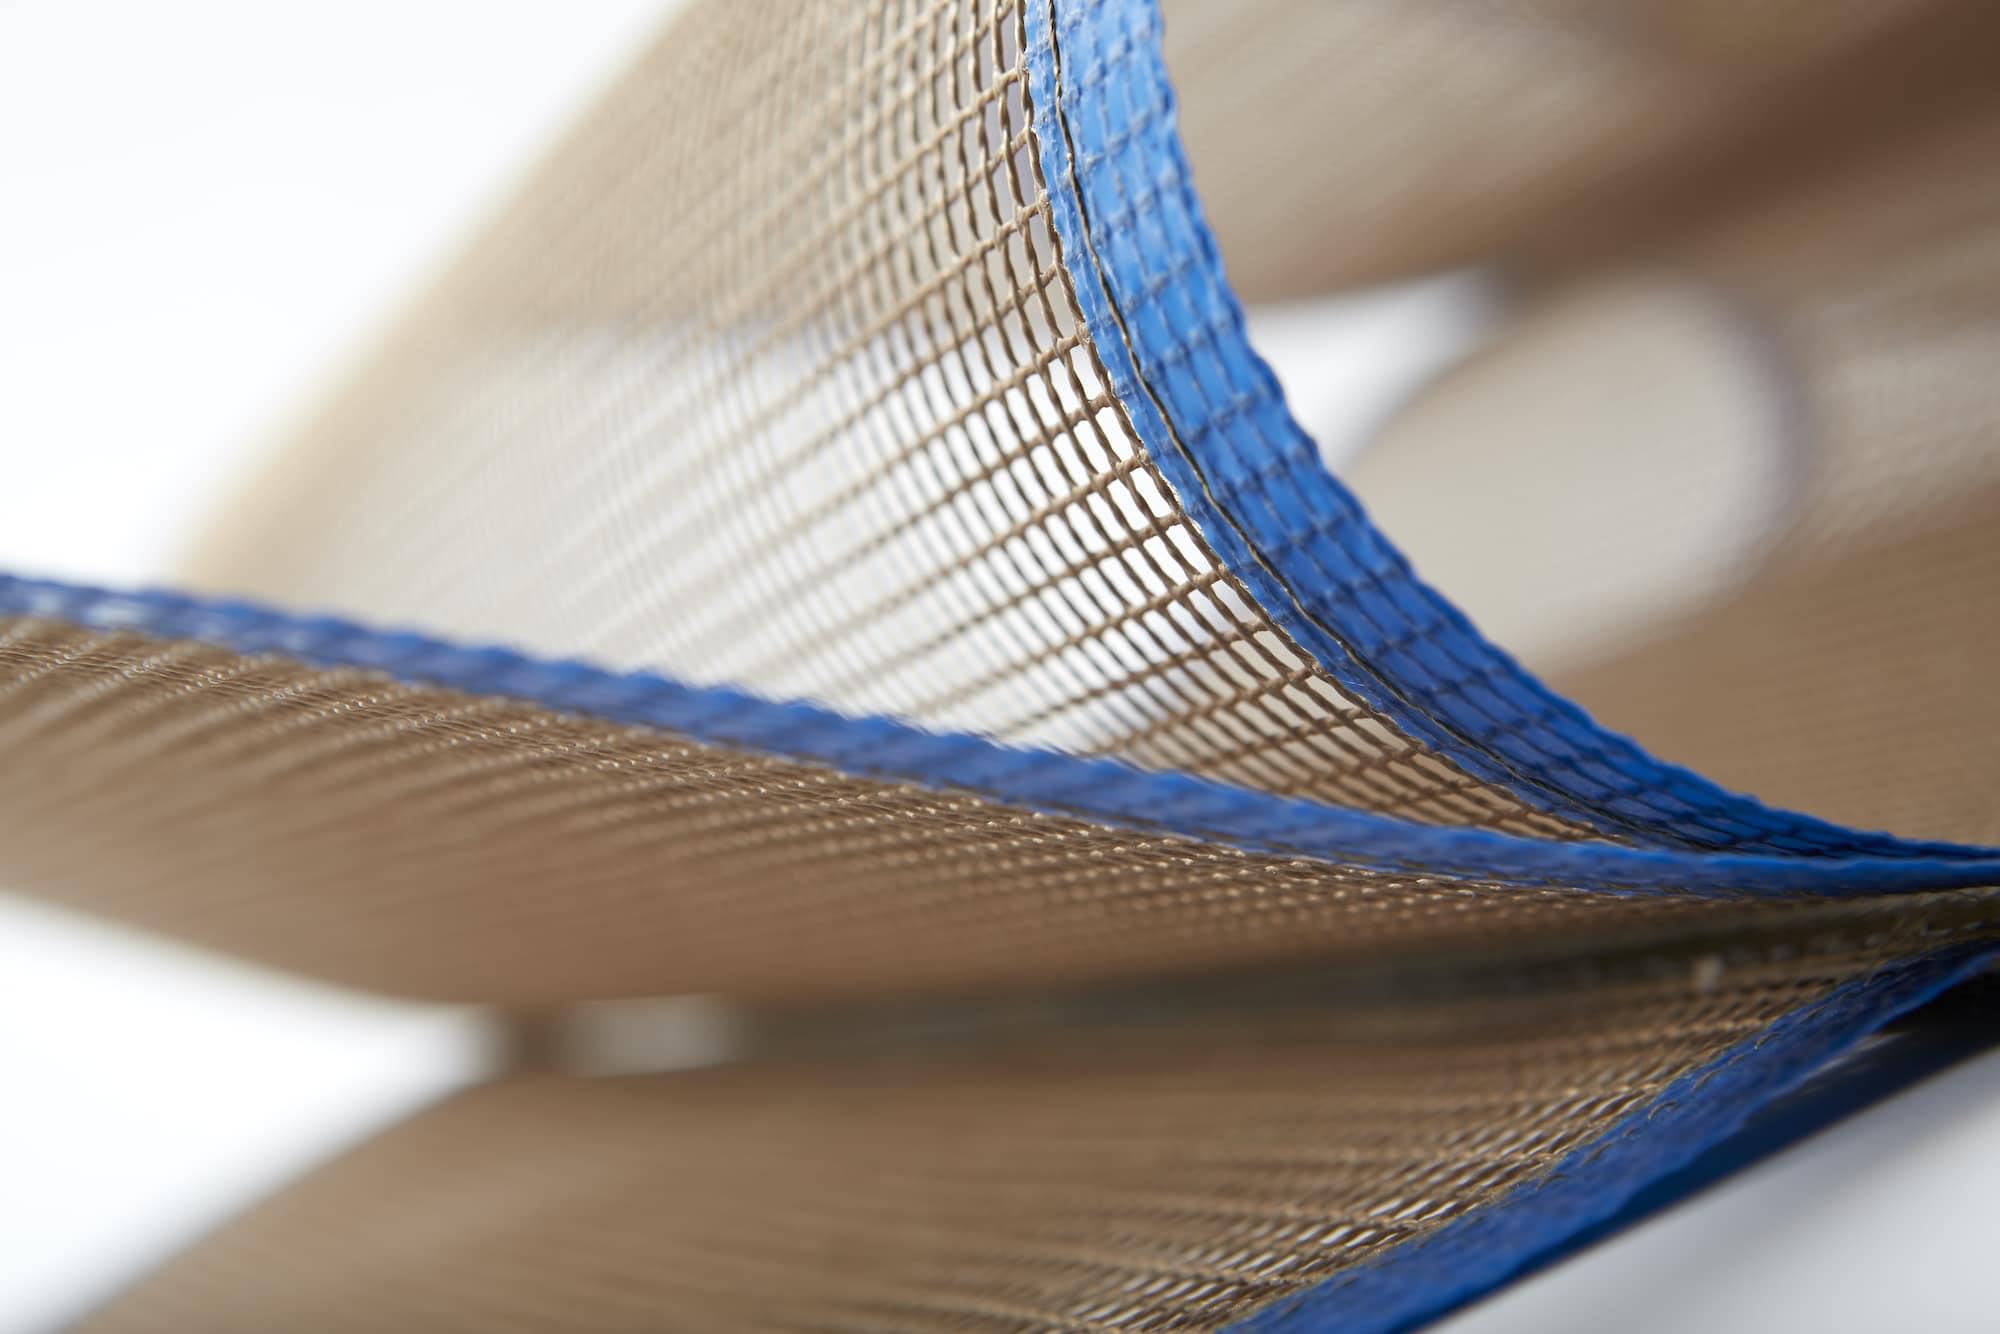 a dryer belt